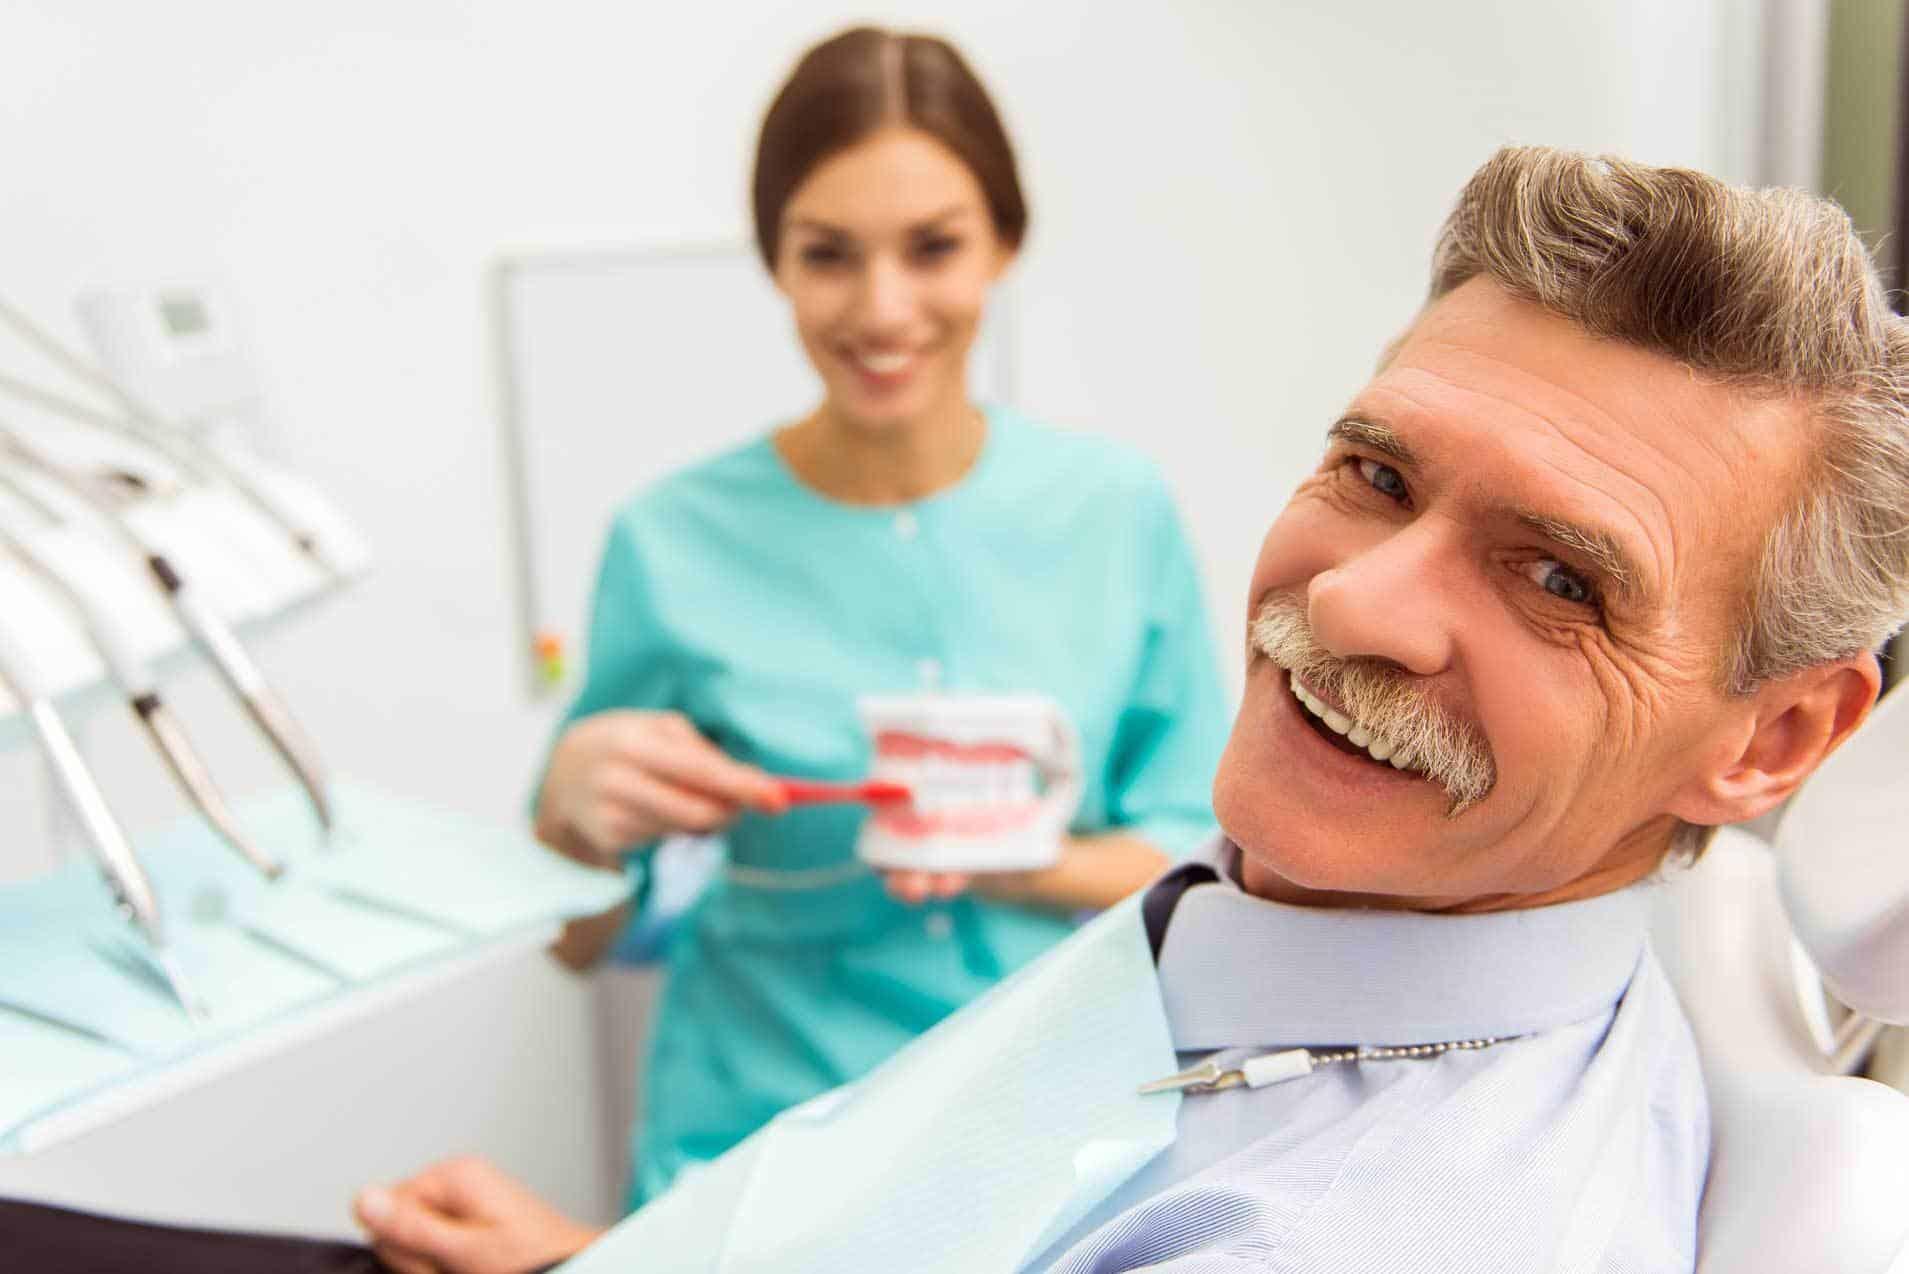 Im Vordergrung lächelder Patient mittleren Alters im Zahnarztstuhl sitzend, wartet auf seine Behandlung feste Zähne sofort,im Hintergrund eine Helferin, mit einem Gebiss und einer Zahnbürste in der Hand